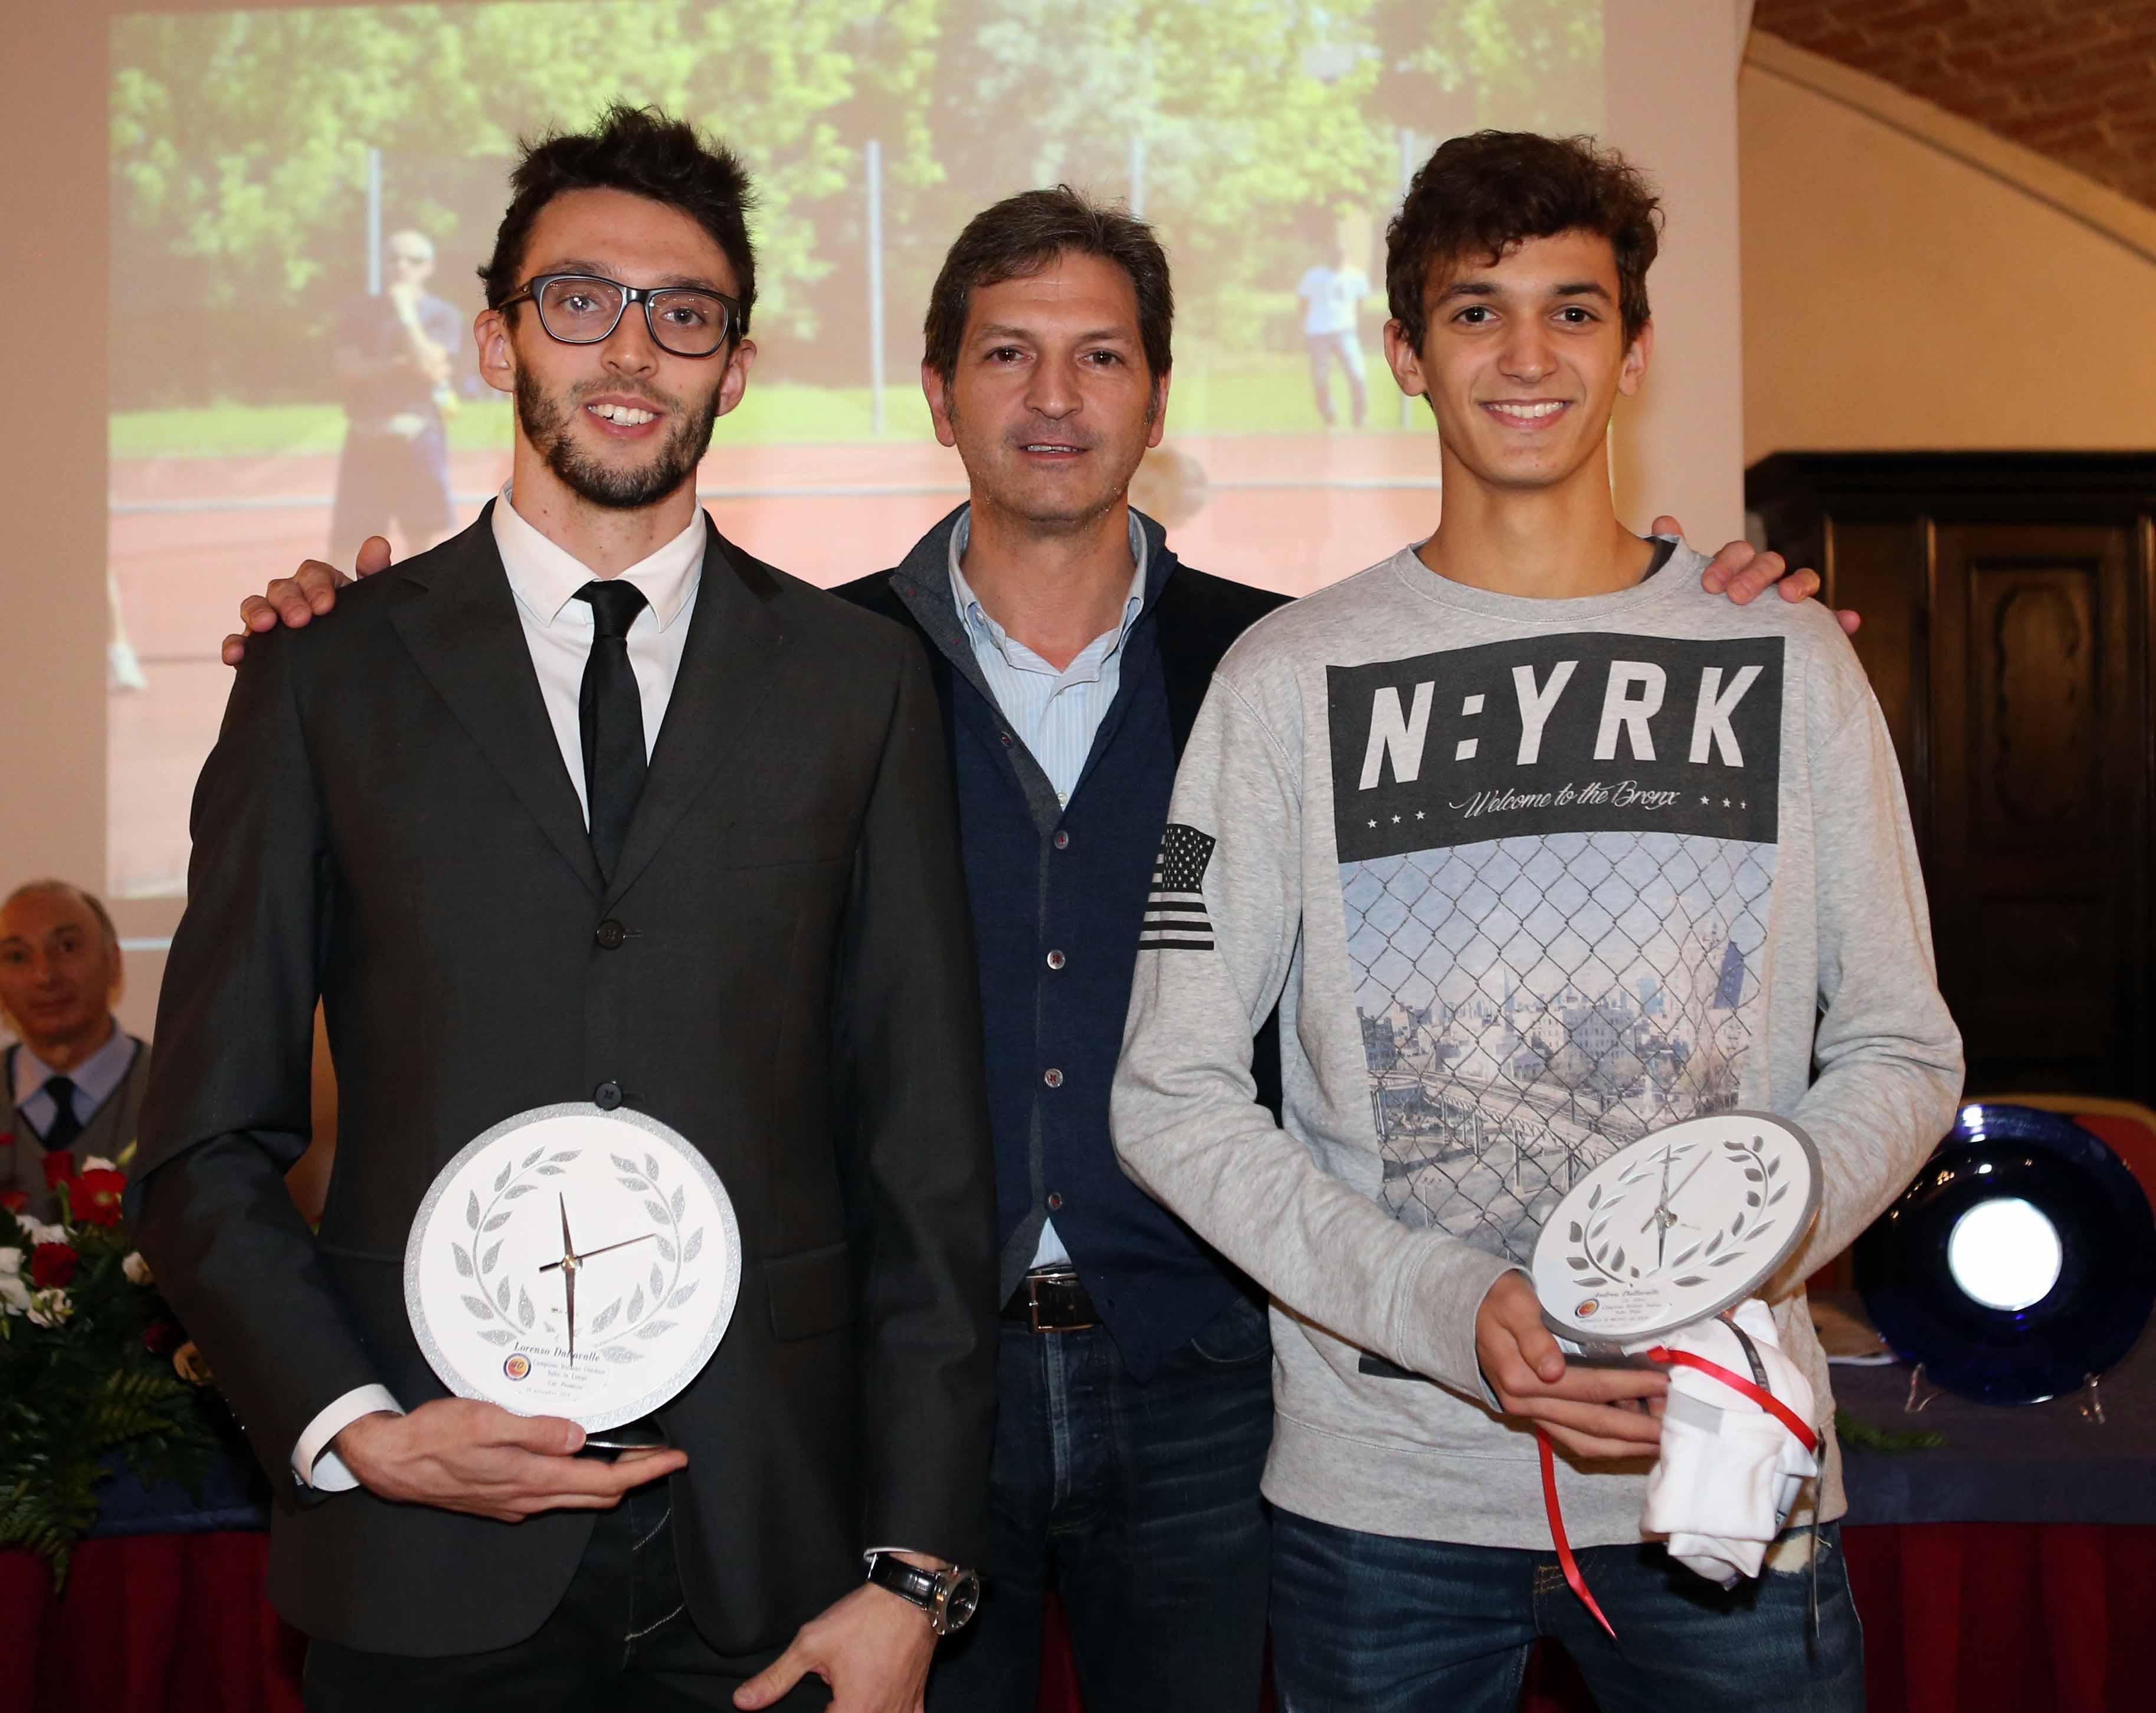 L&#8217;atletica Piacenza compie 40 anni. <br>Premiati i fratelli Dallavalle